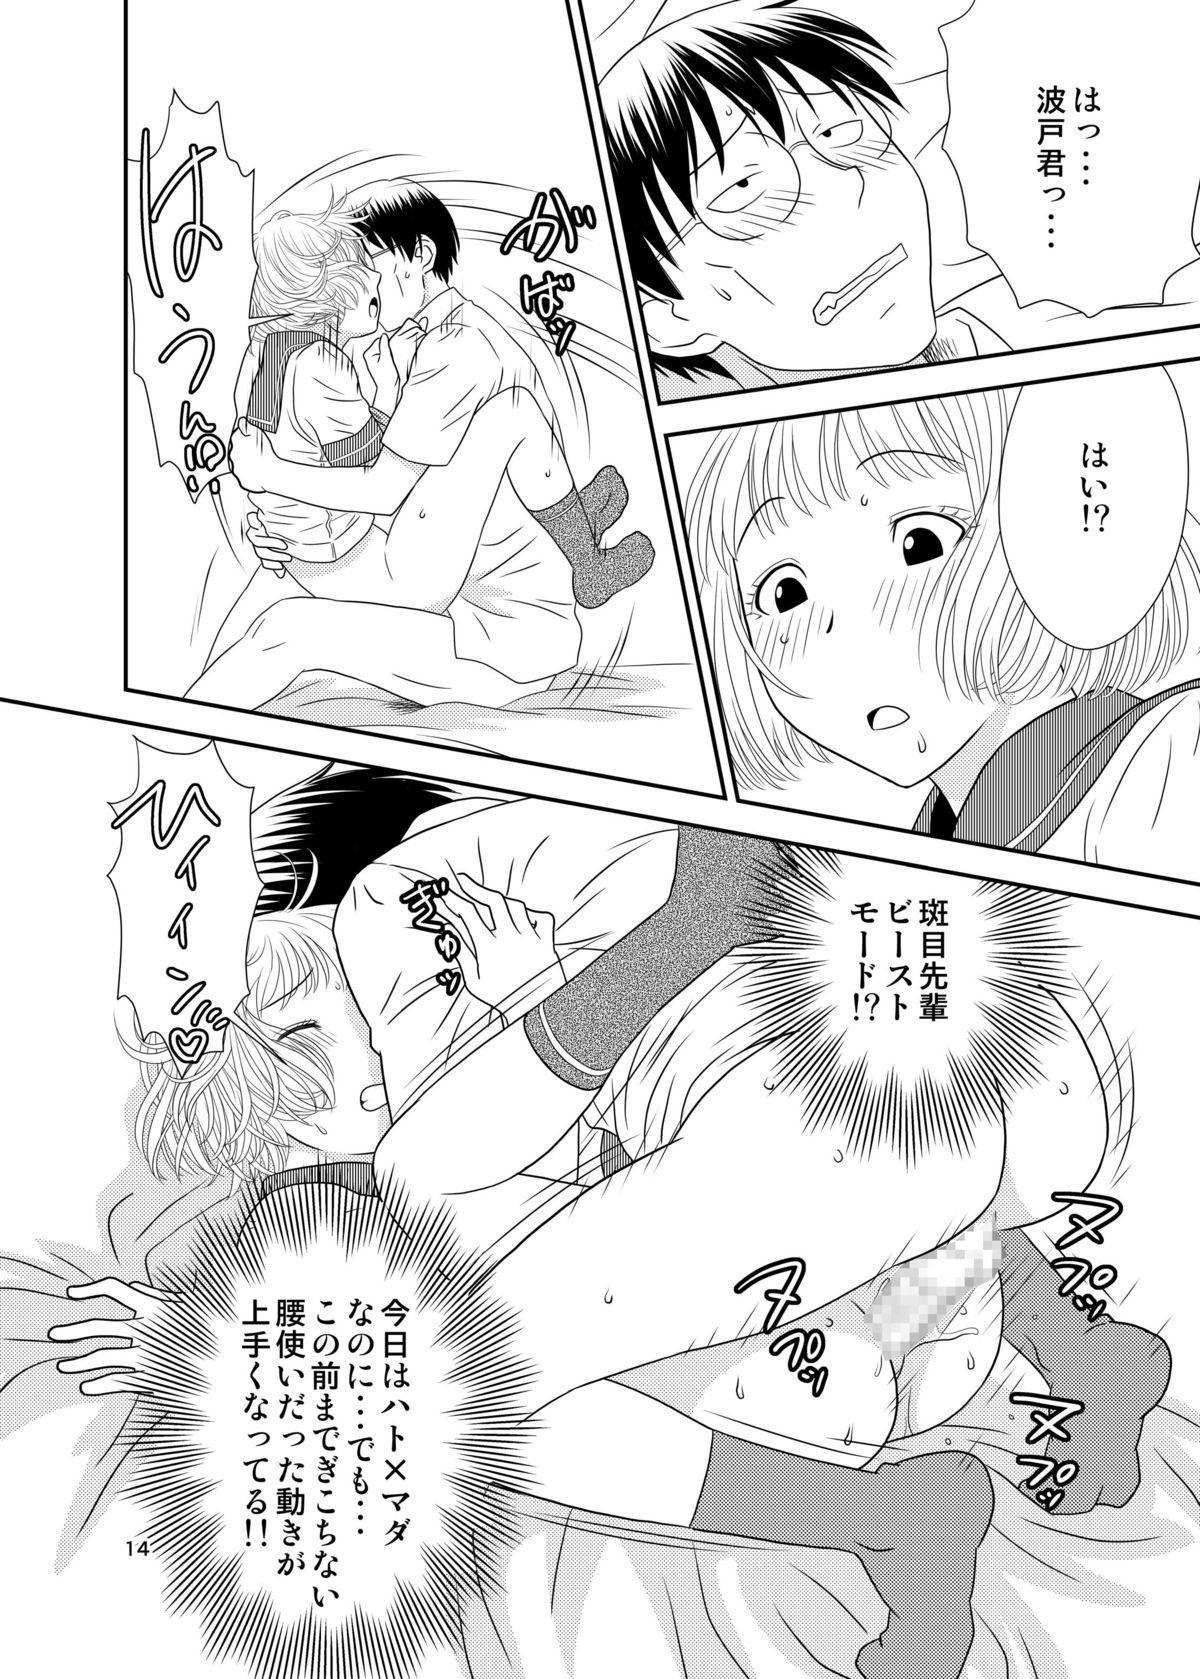 Genshiken no Hon 12